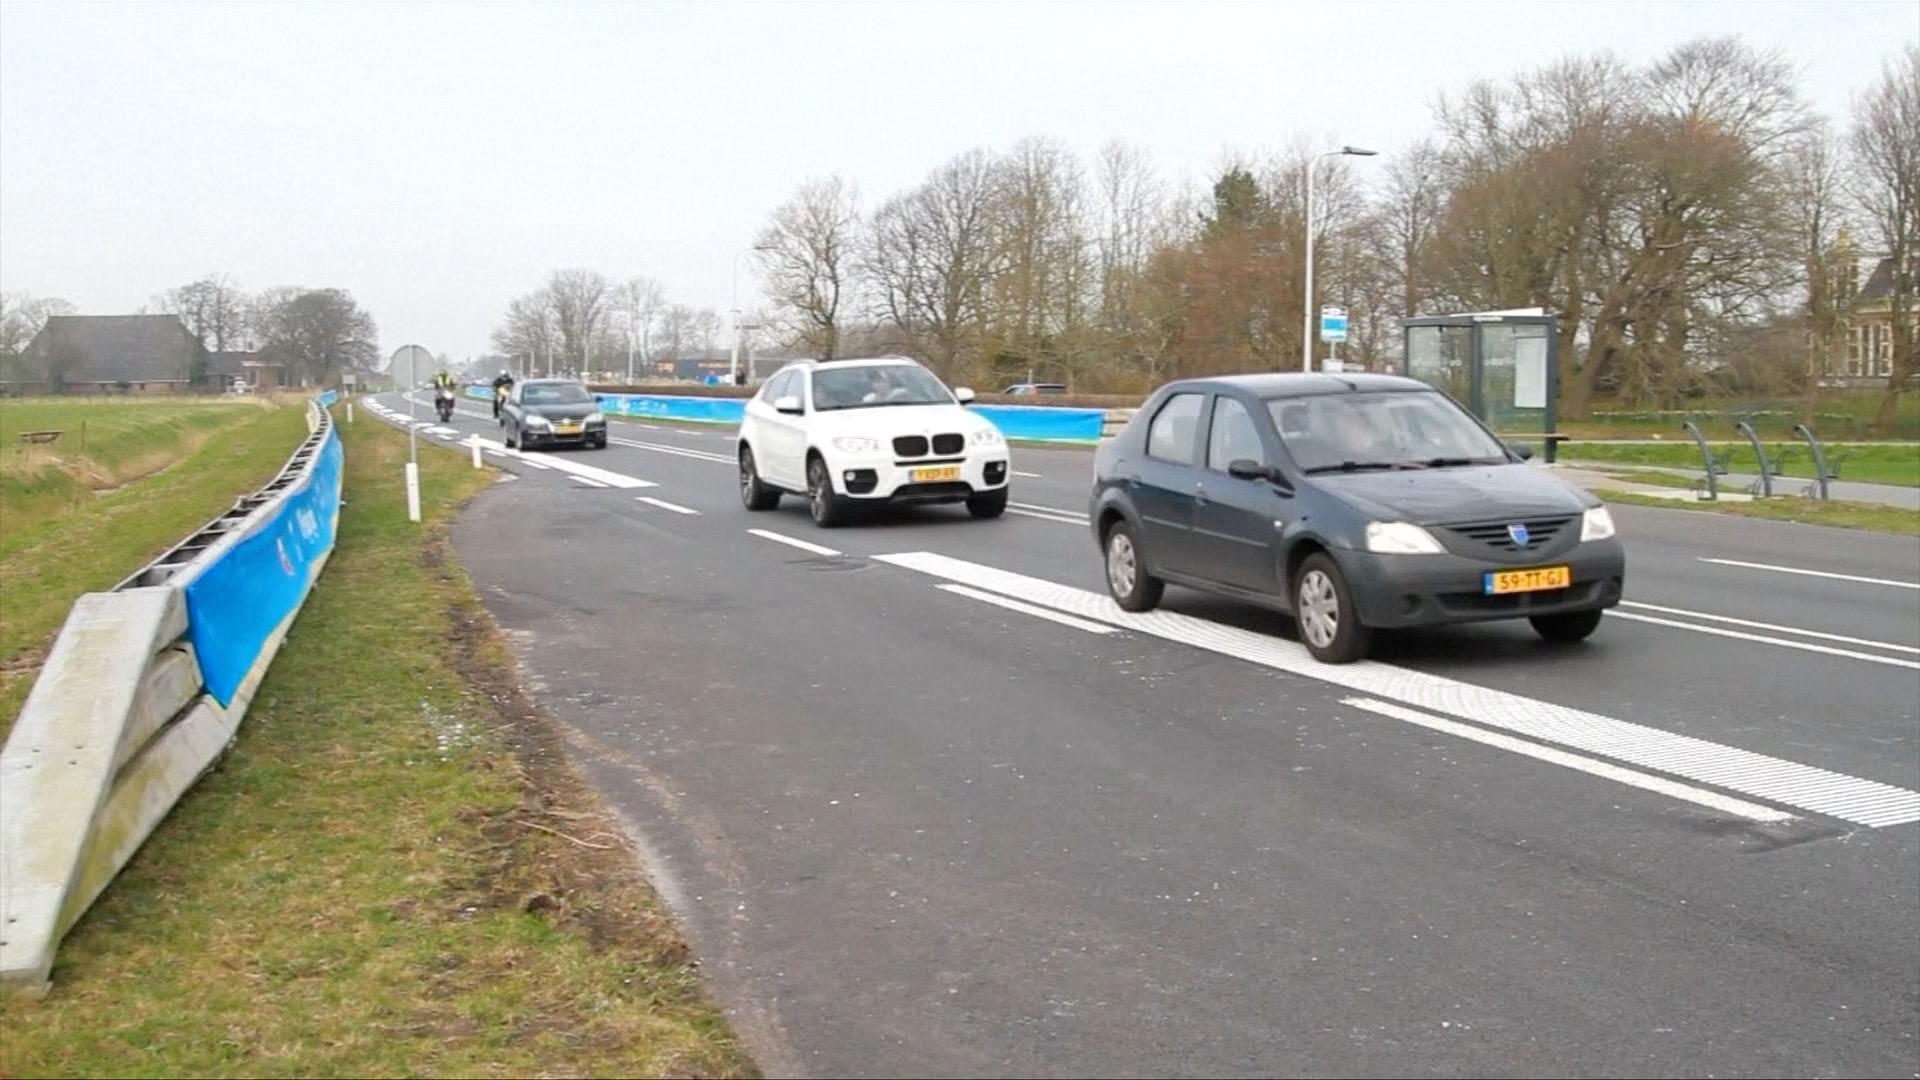 Nizozemská dálnice hraje při porušení pravidel nejrůznější melodie. Podle místních je to spíše nekončící kakofonie